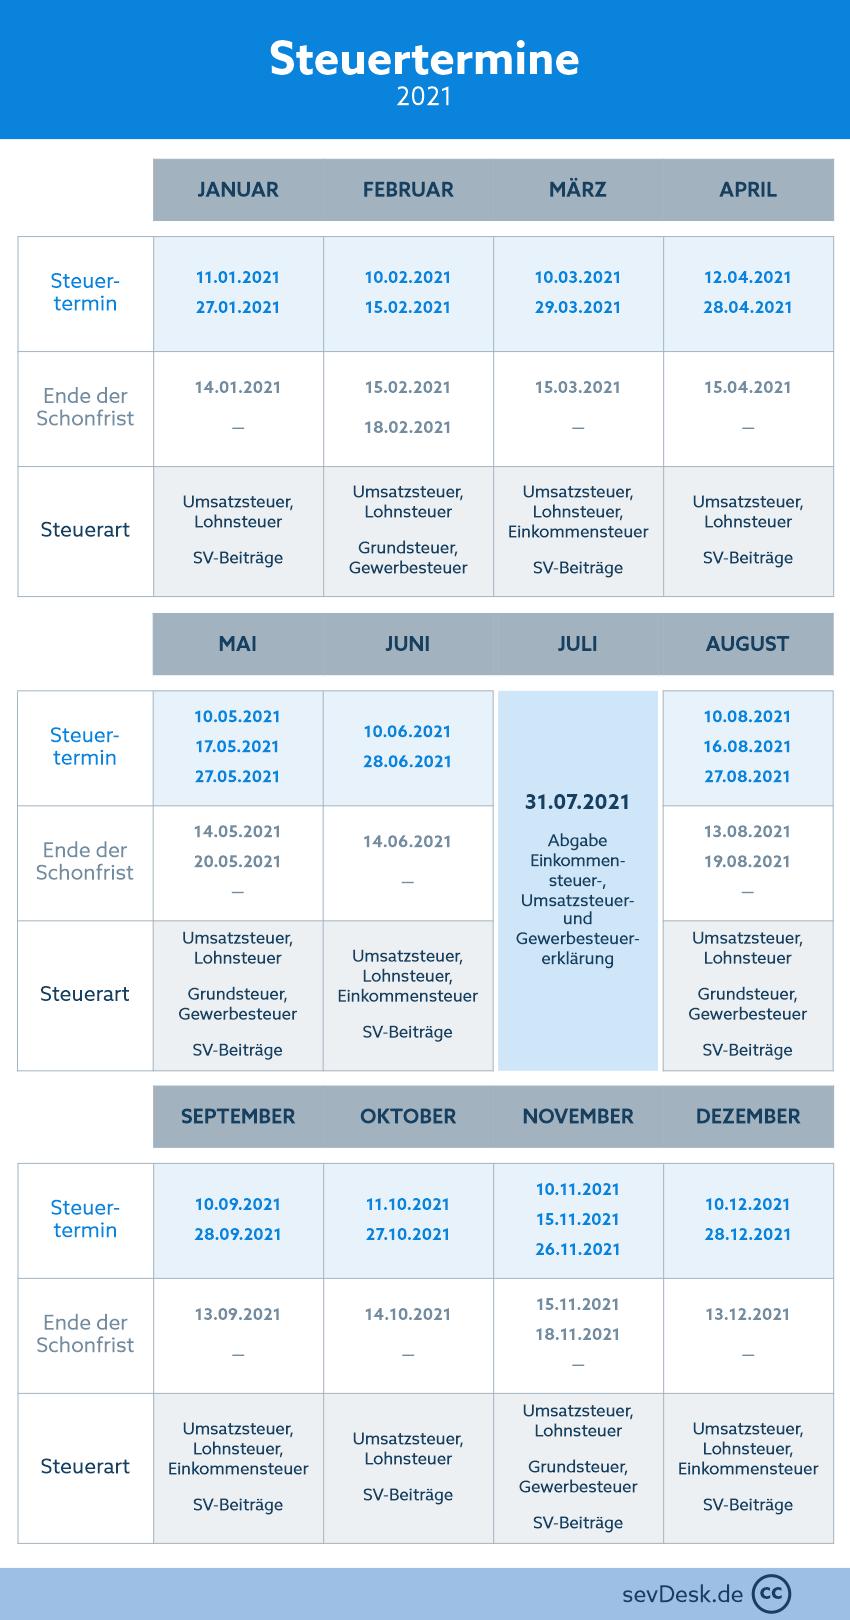 Steuertermine 2021 Kalender